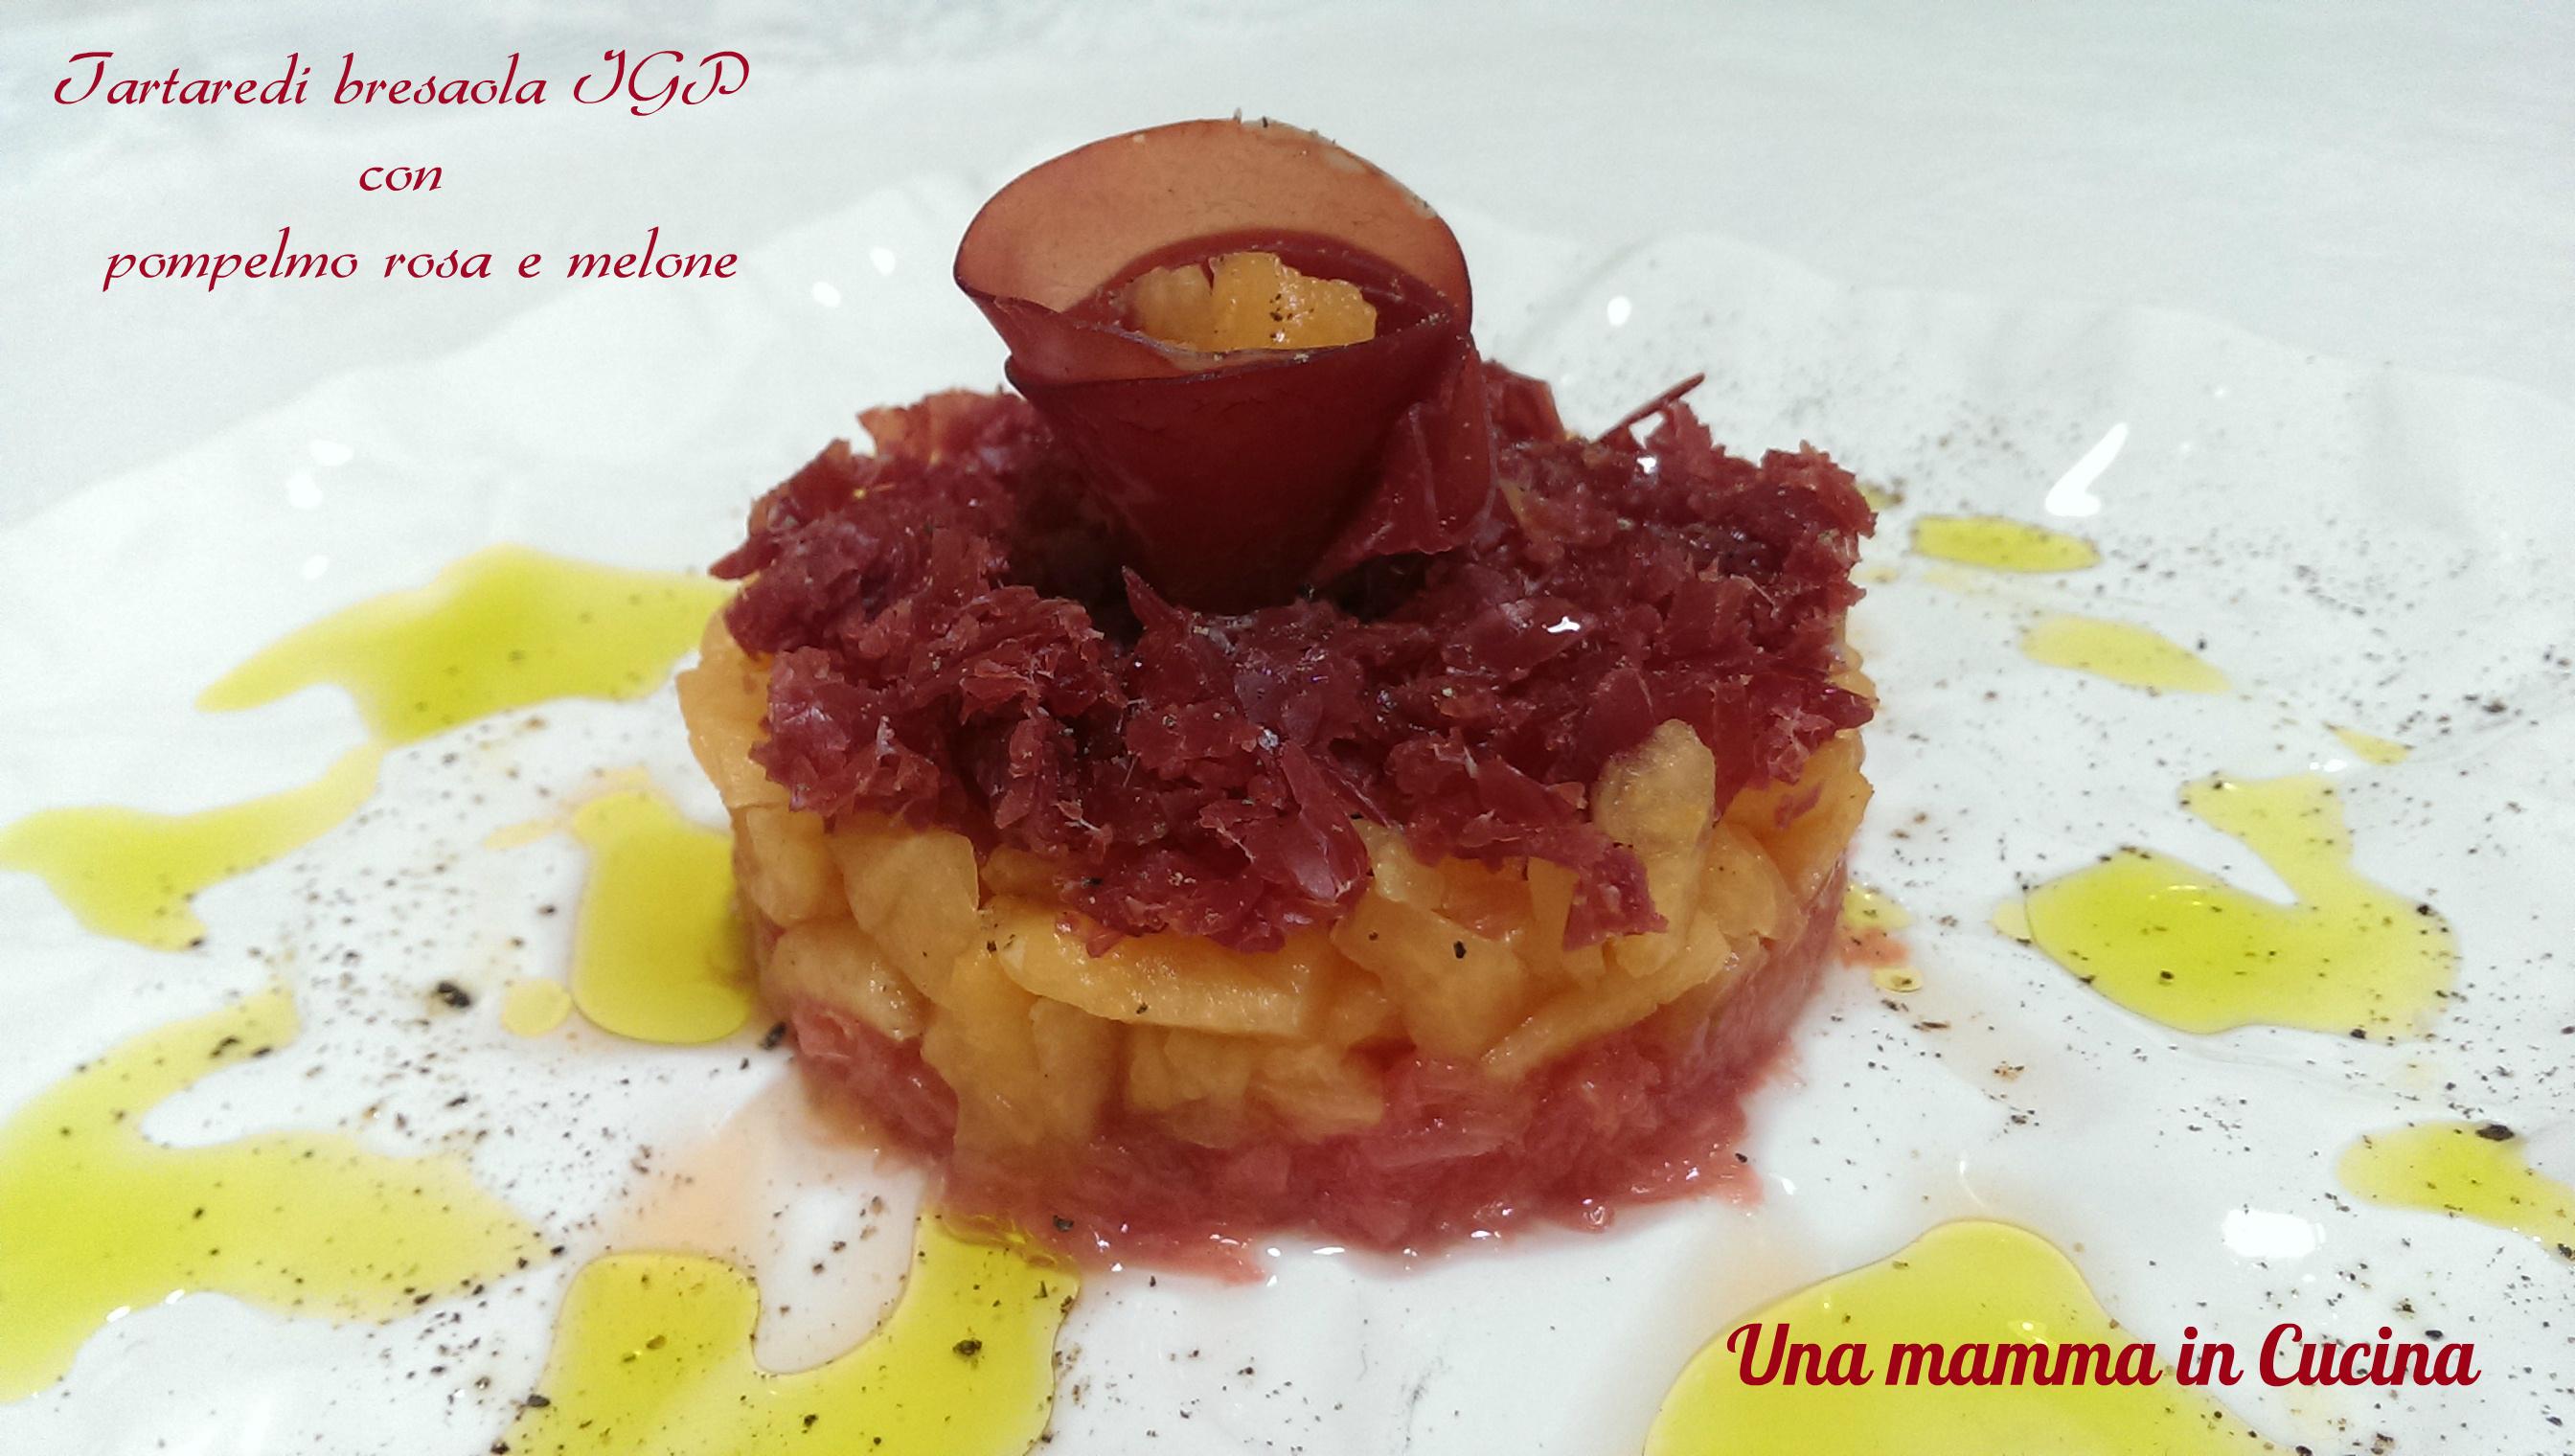 Tartare di bresaola IGP con pompelmo rosa e melone